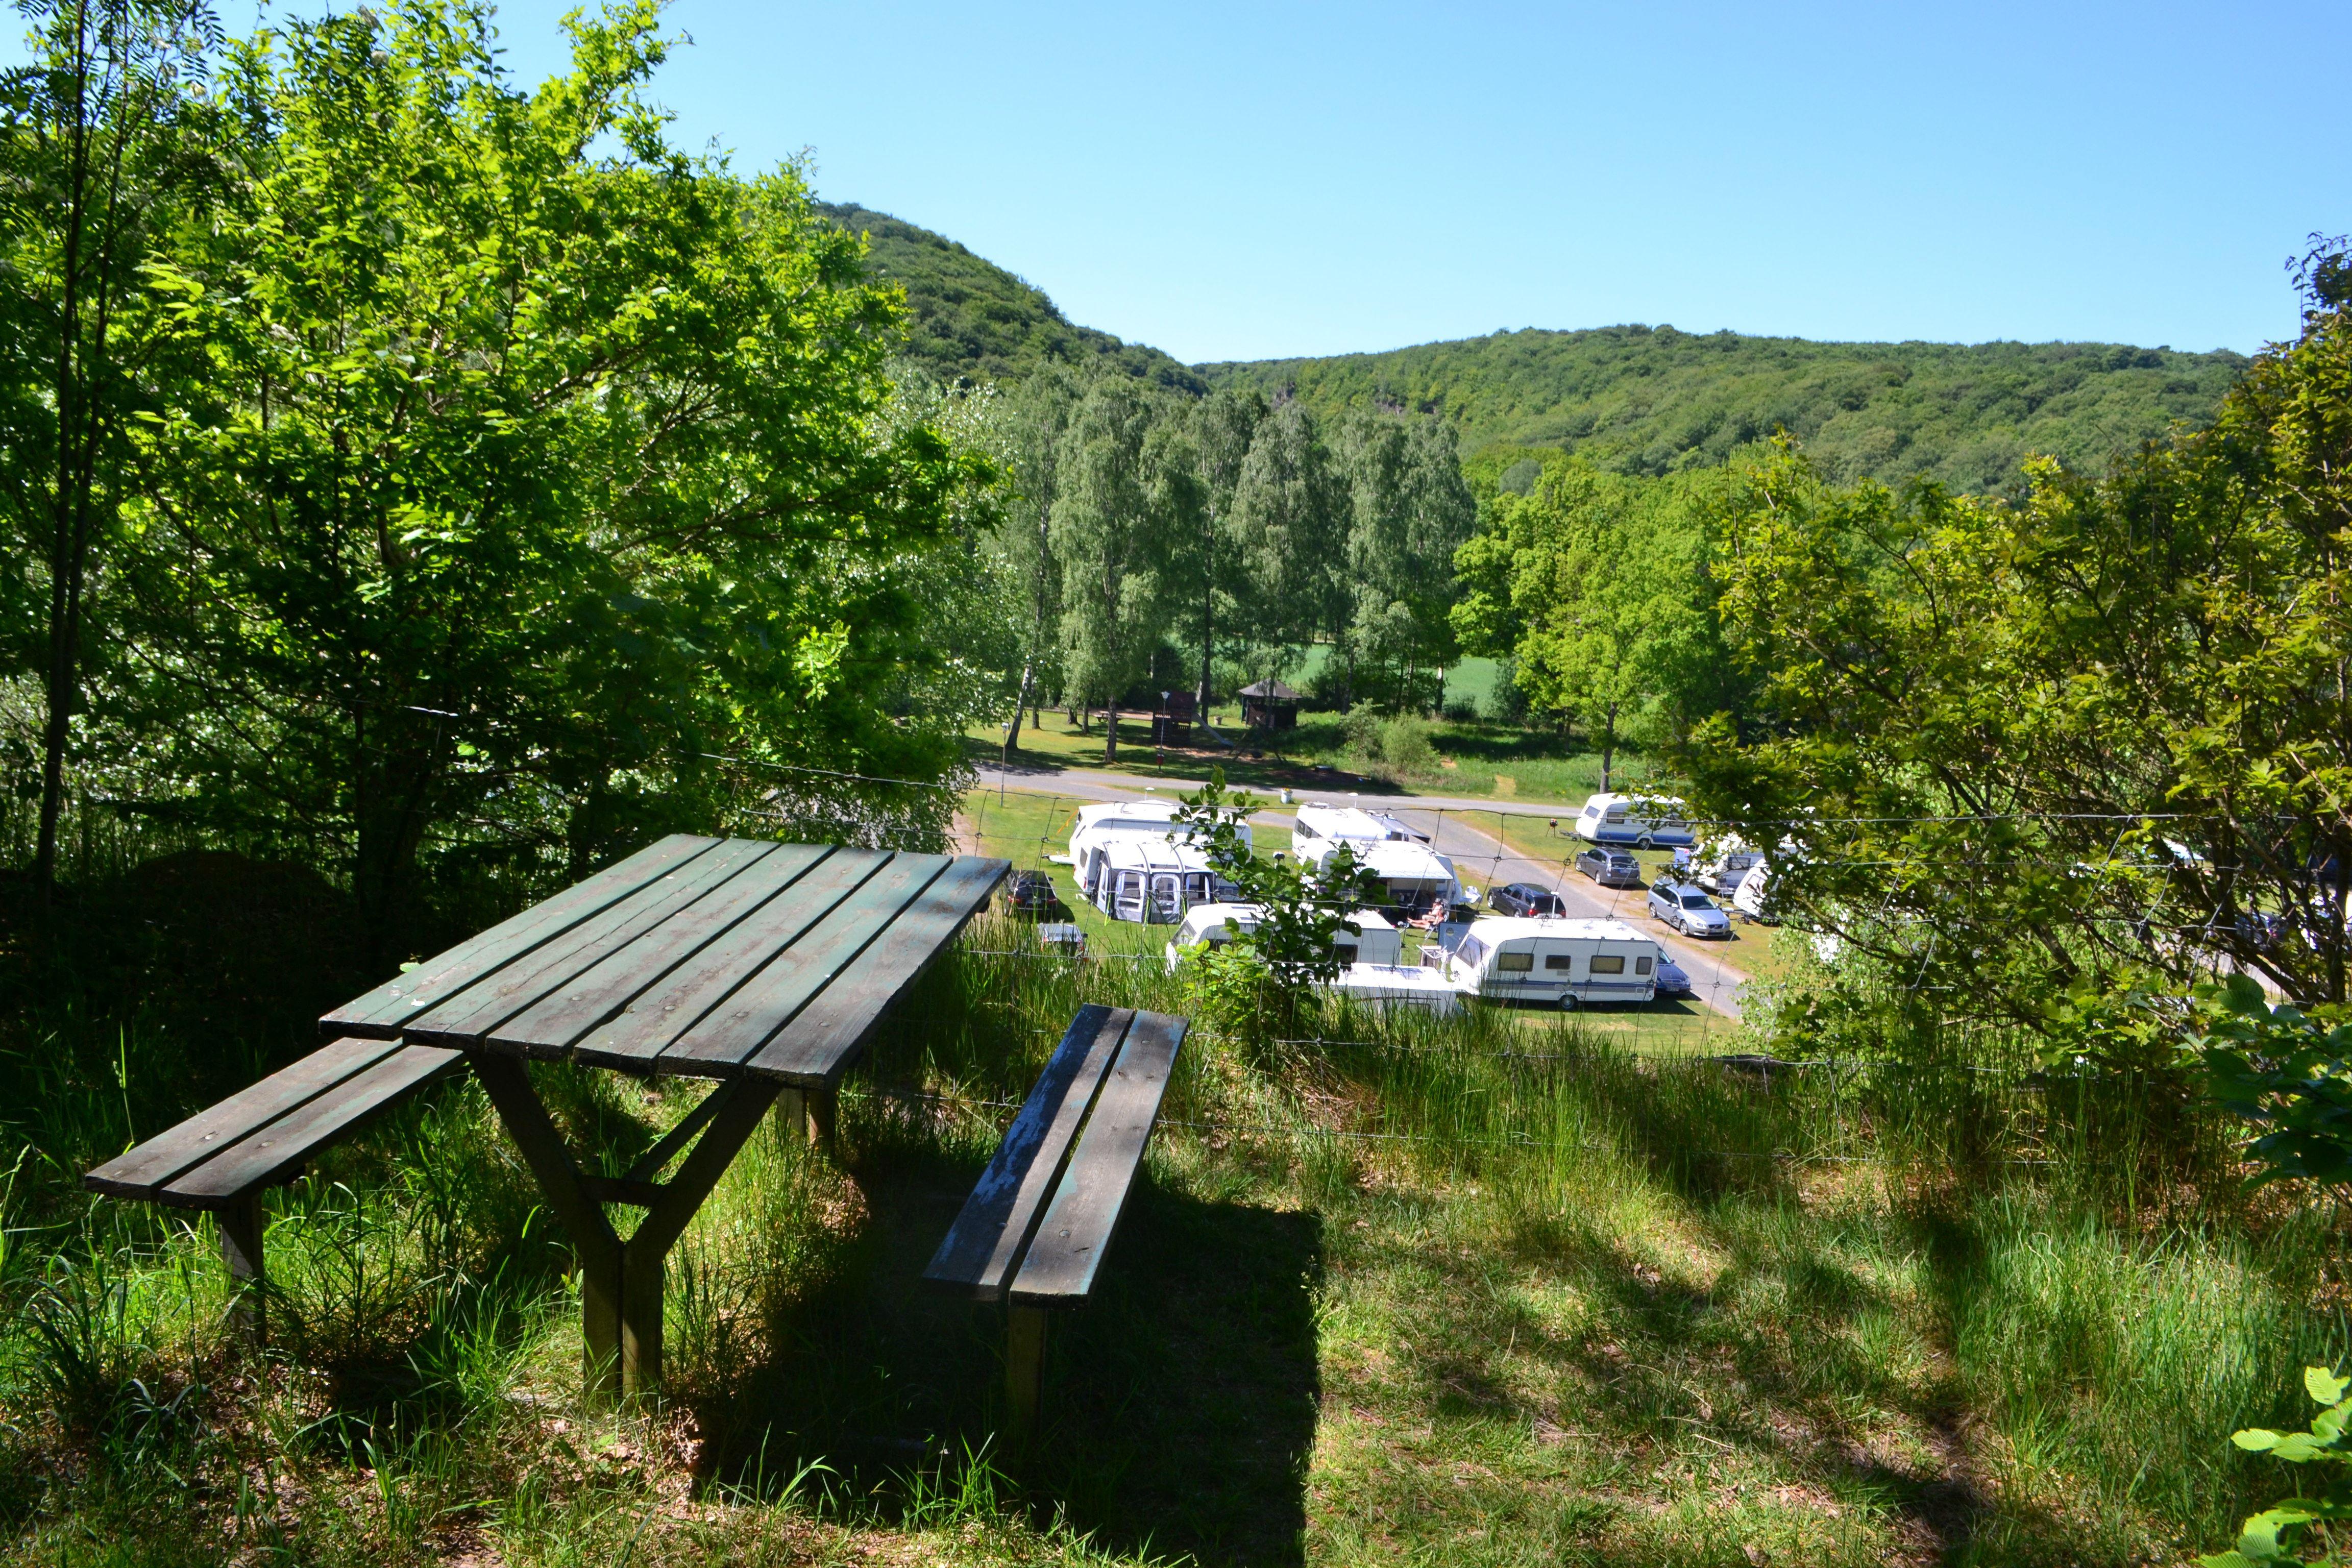 Skäralids Camping & Vandrarhem/Camping